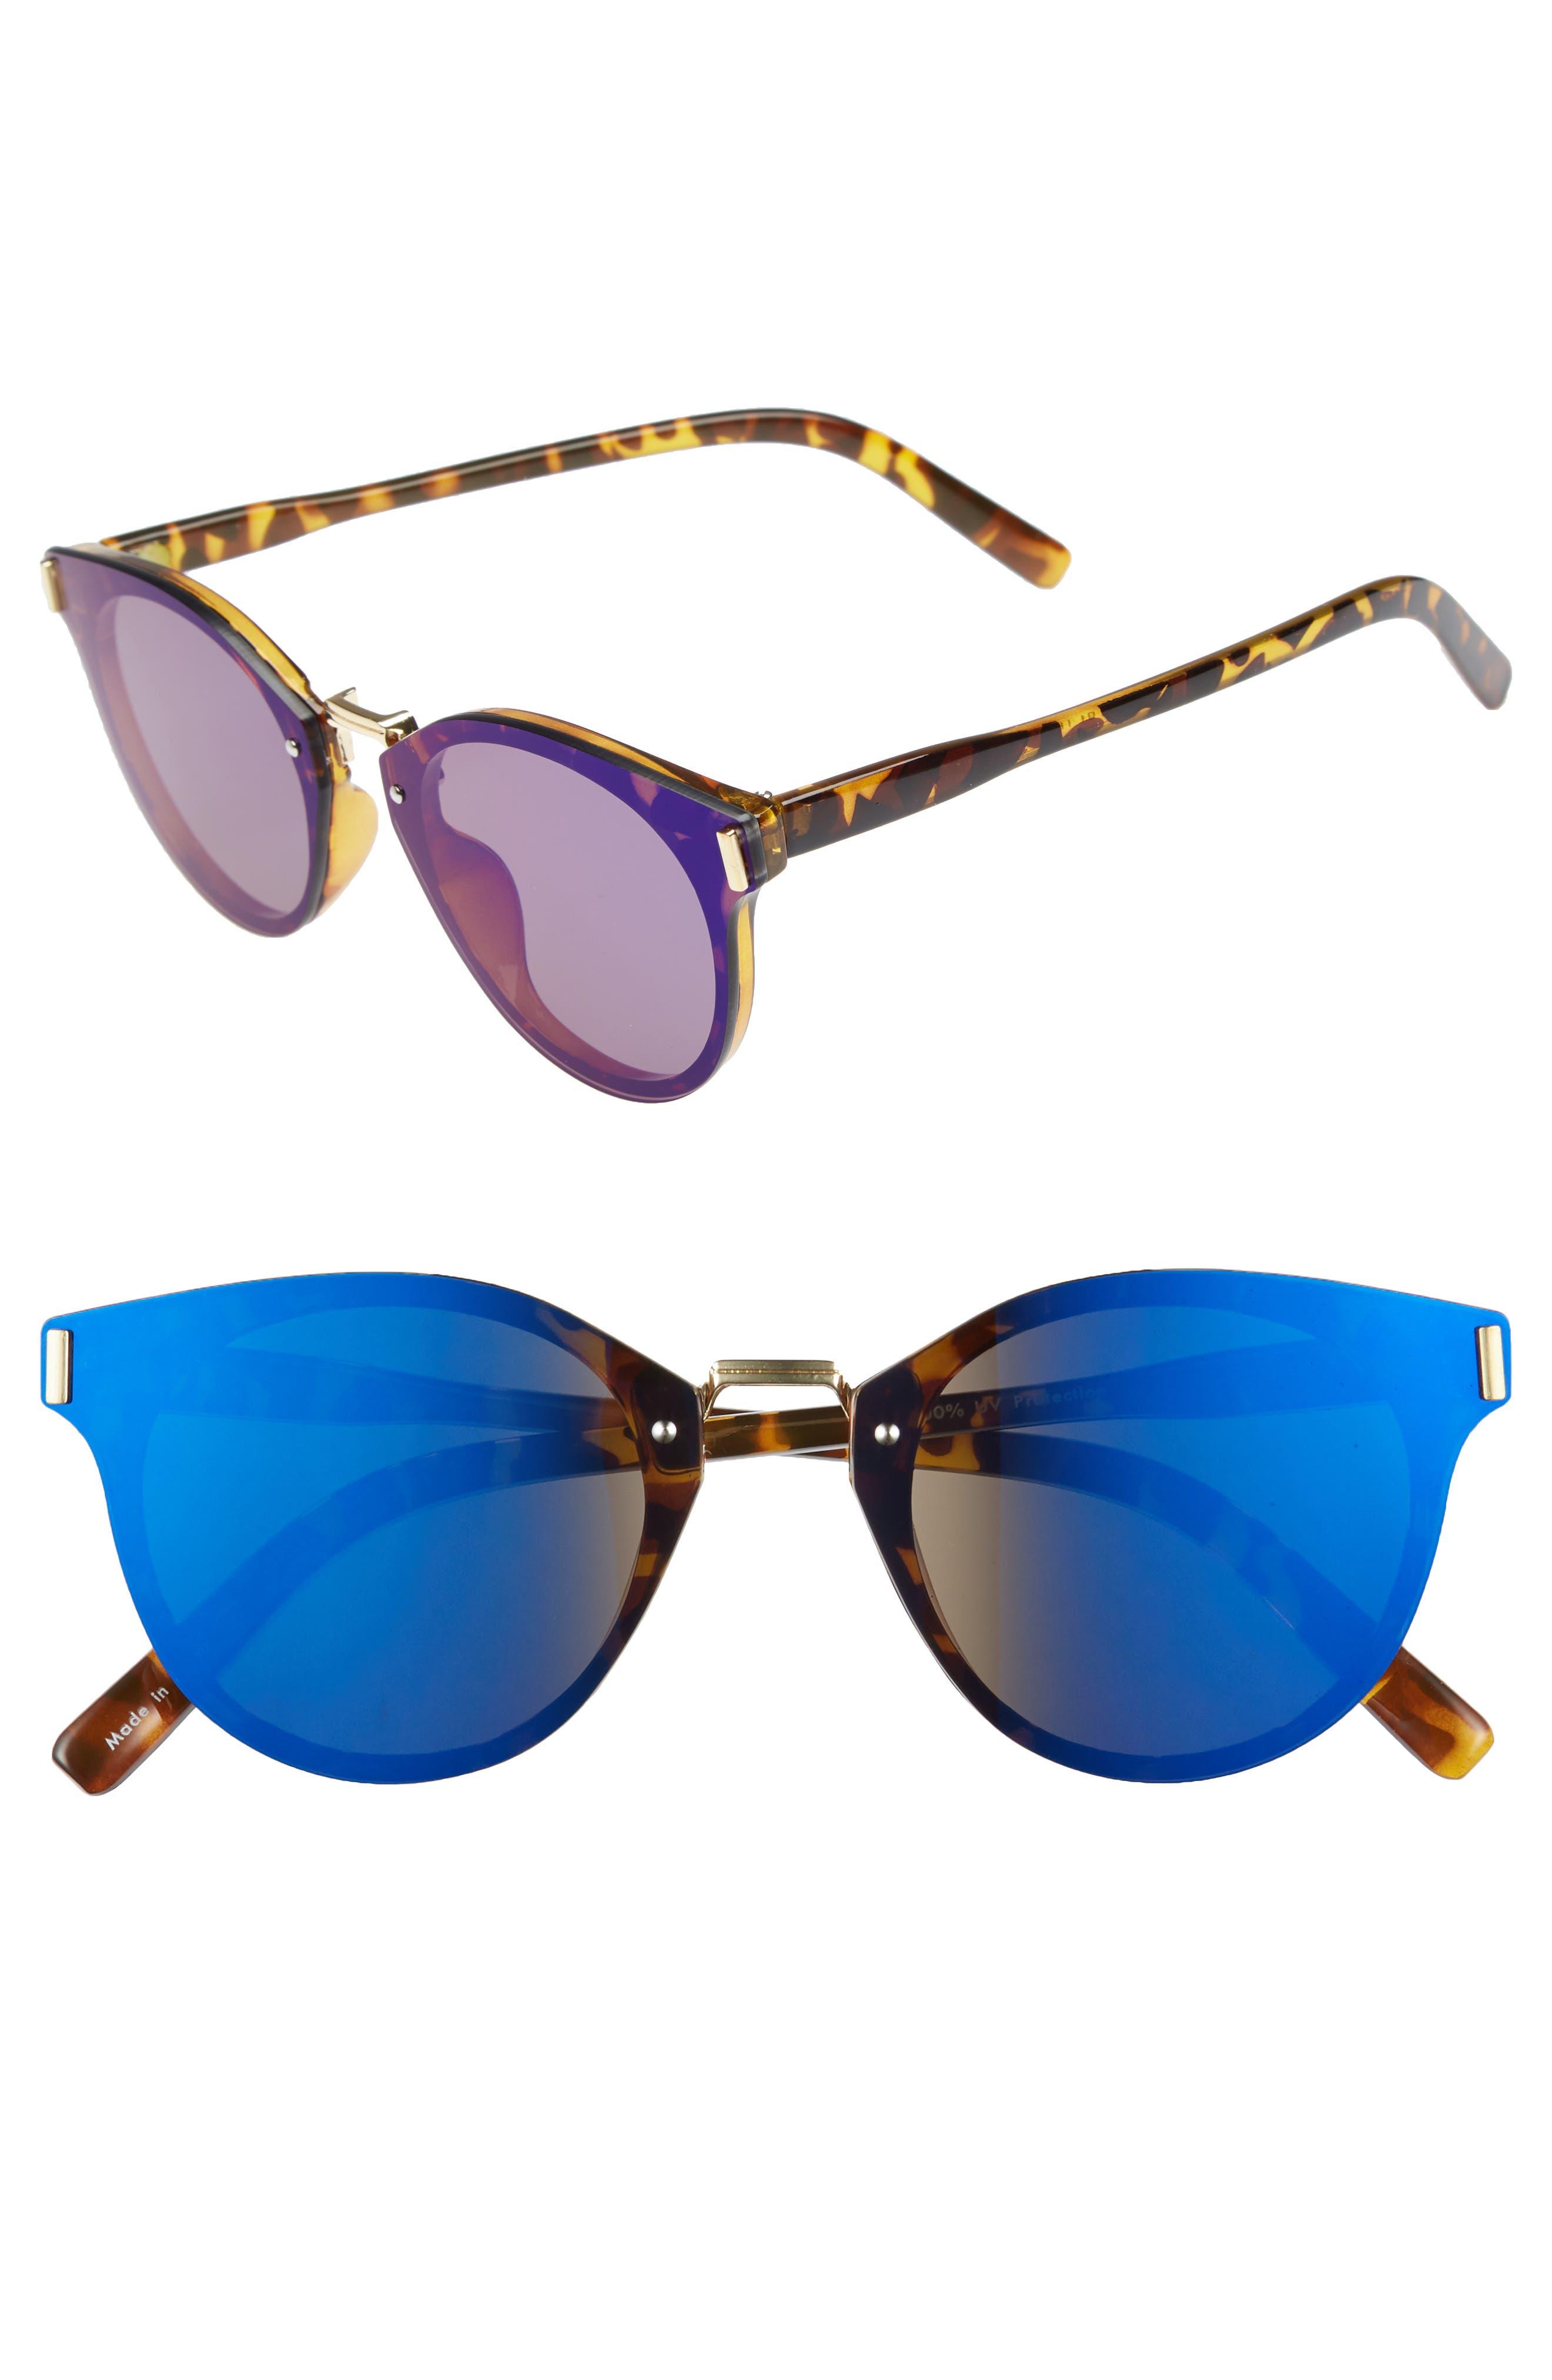 Flat Cat Eye Sunglasses,                             Main thumbnail 1, color,                             200